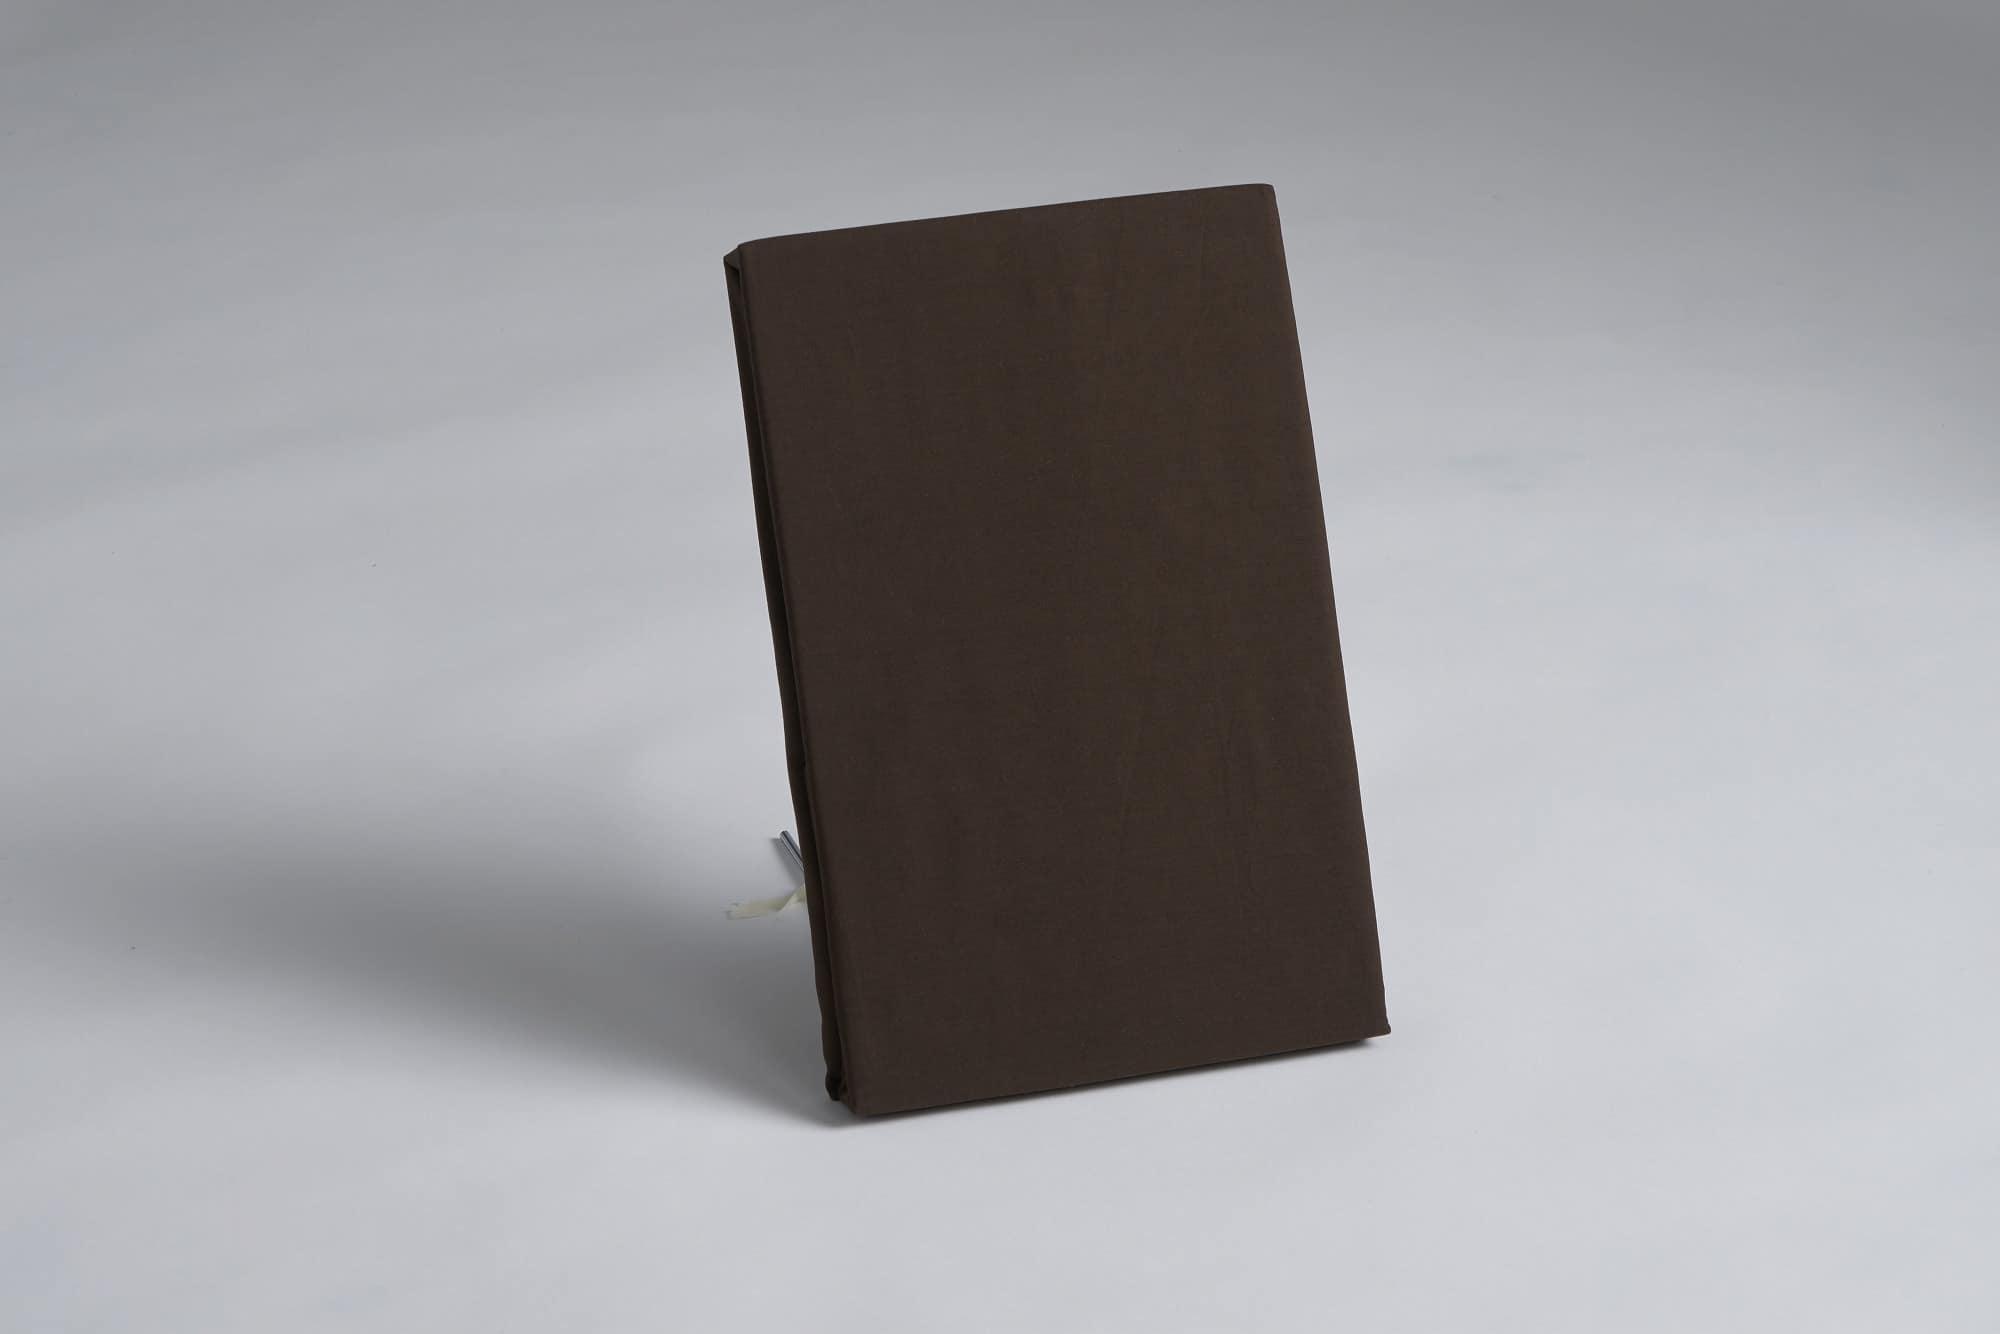 ボックスシーツ クイーン1用 30H ブラウン:《綿100%を使用したボックスシーツ》